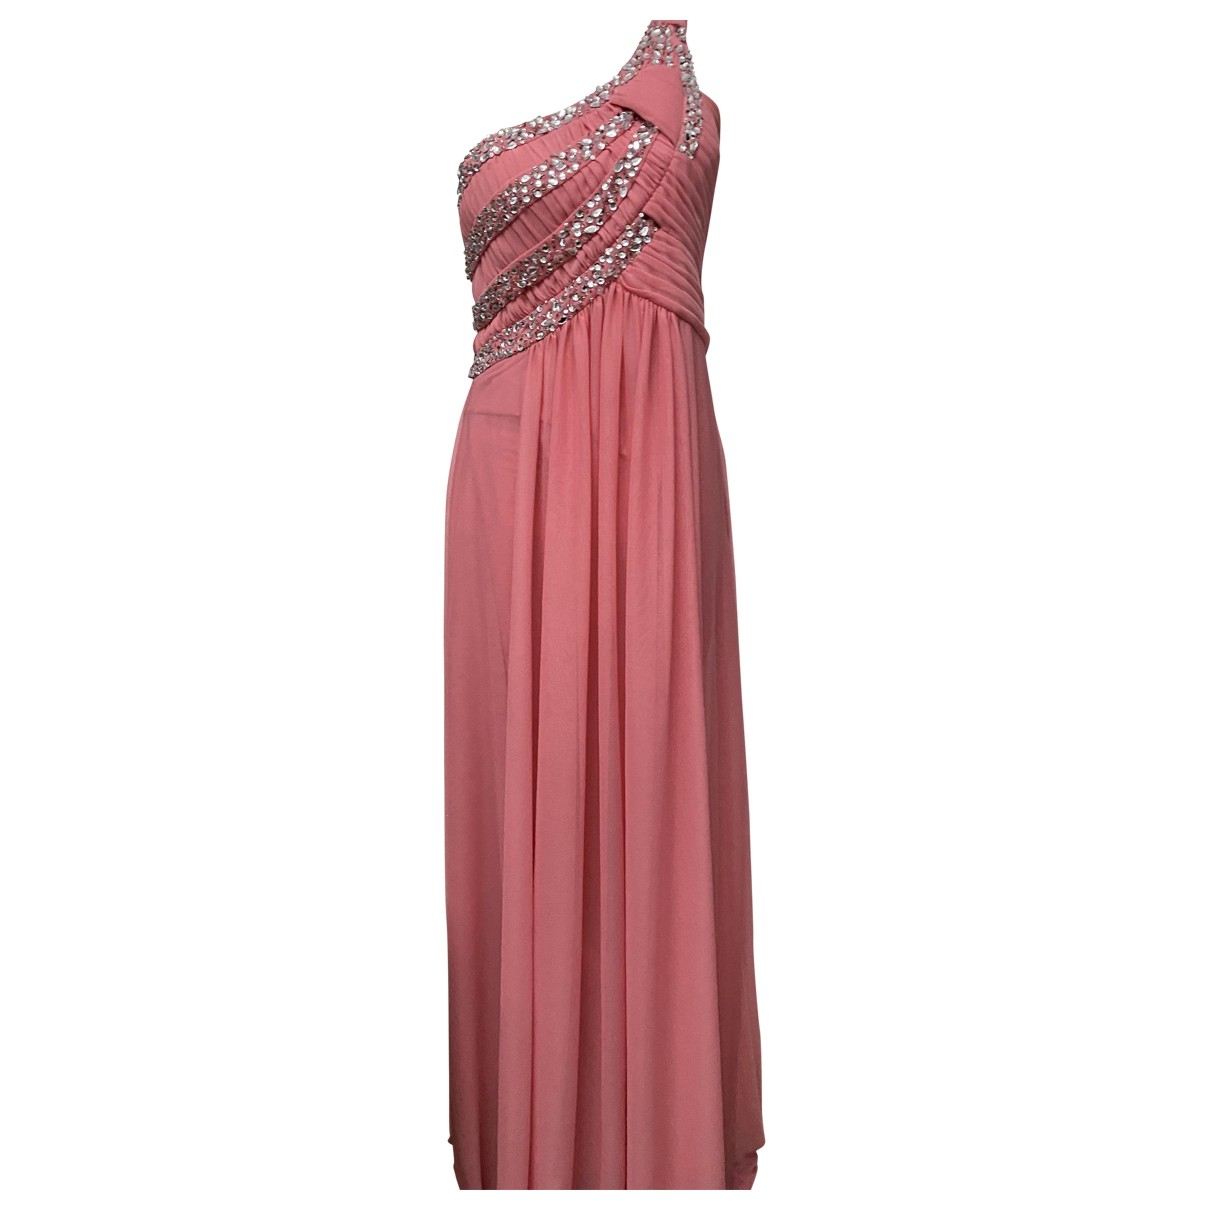 Atelier Parisien \N Kleid in  Rosa Viskose